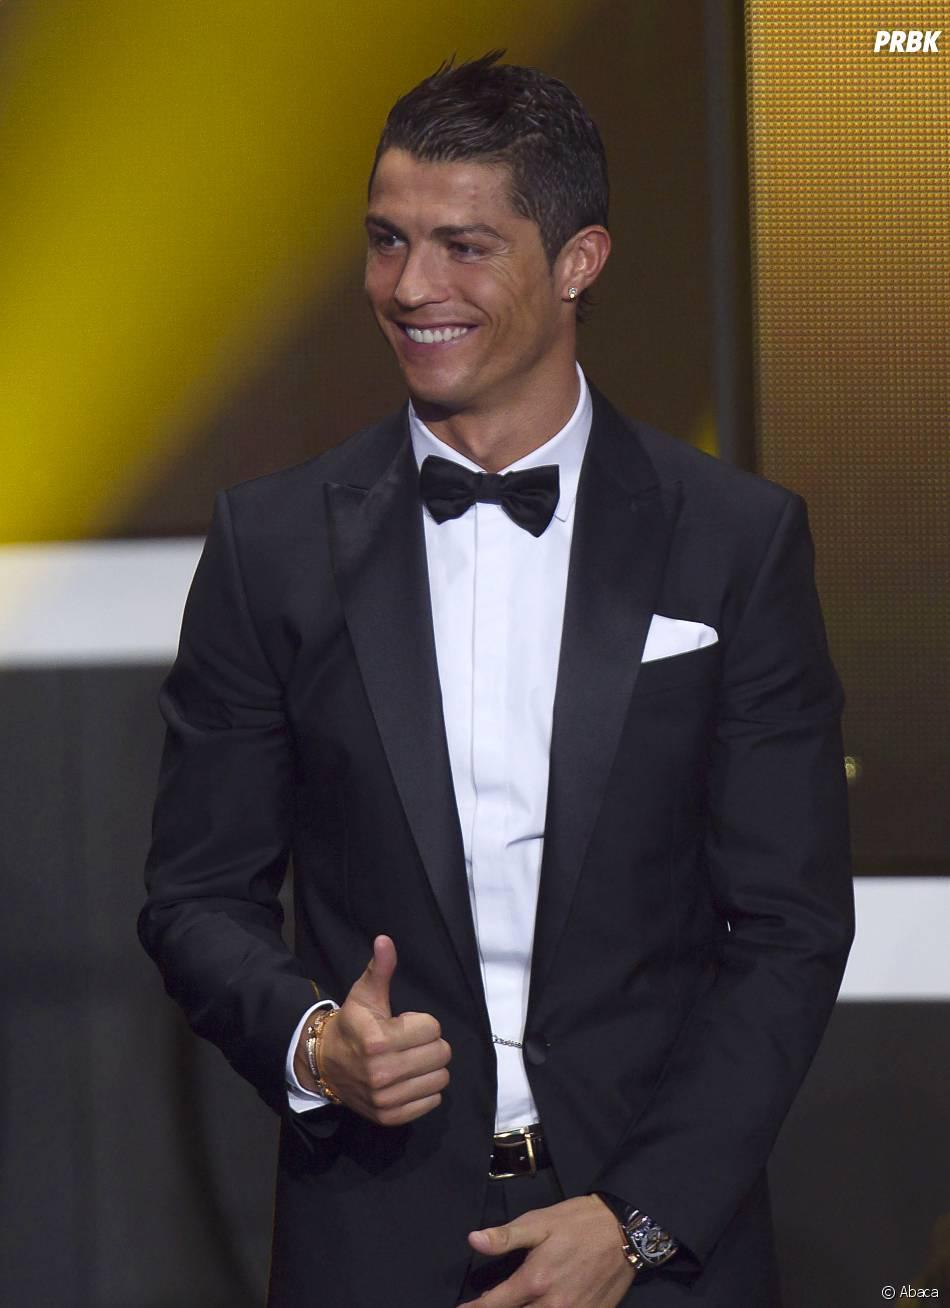 Cristiano Ronaldo très souriant pendant la cérémonie du Ballon d'or 2013